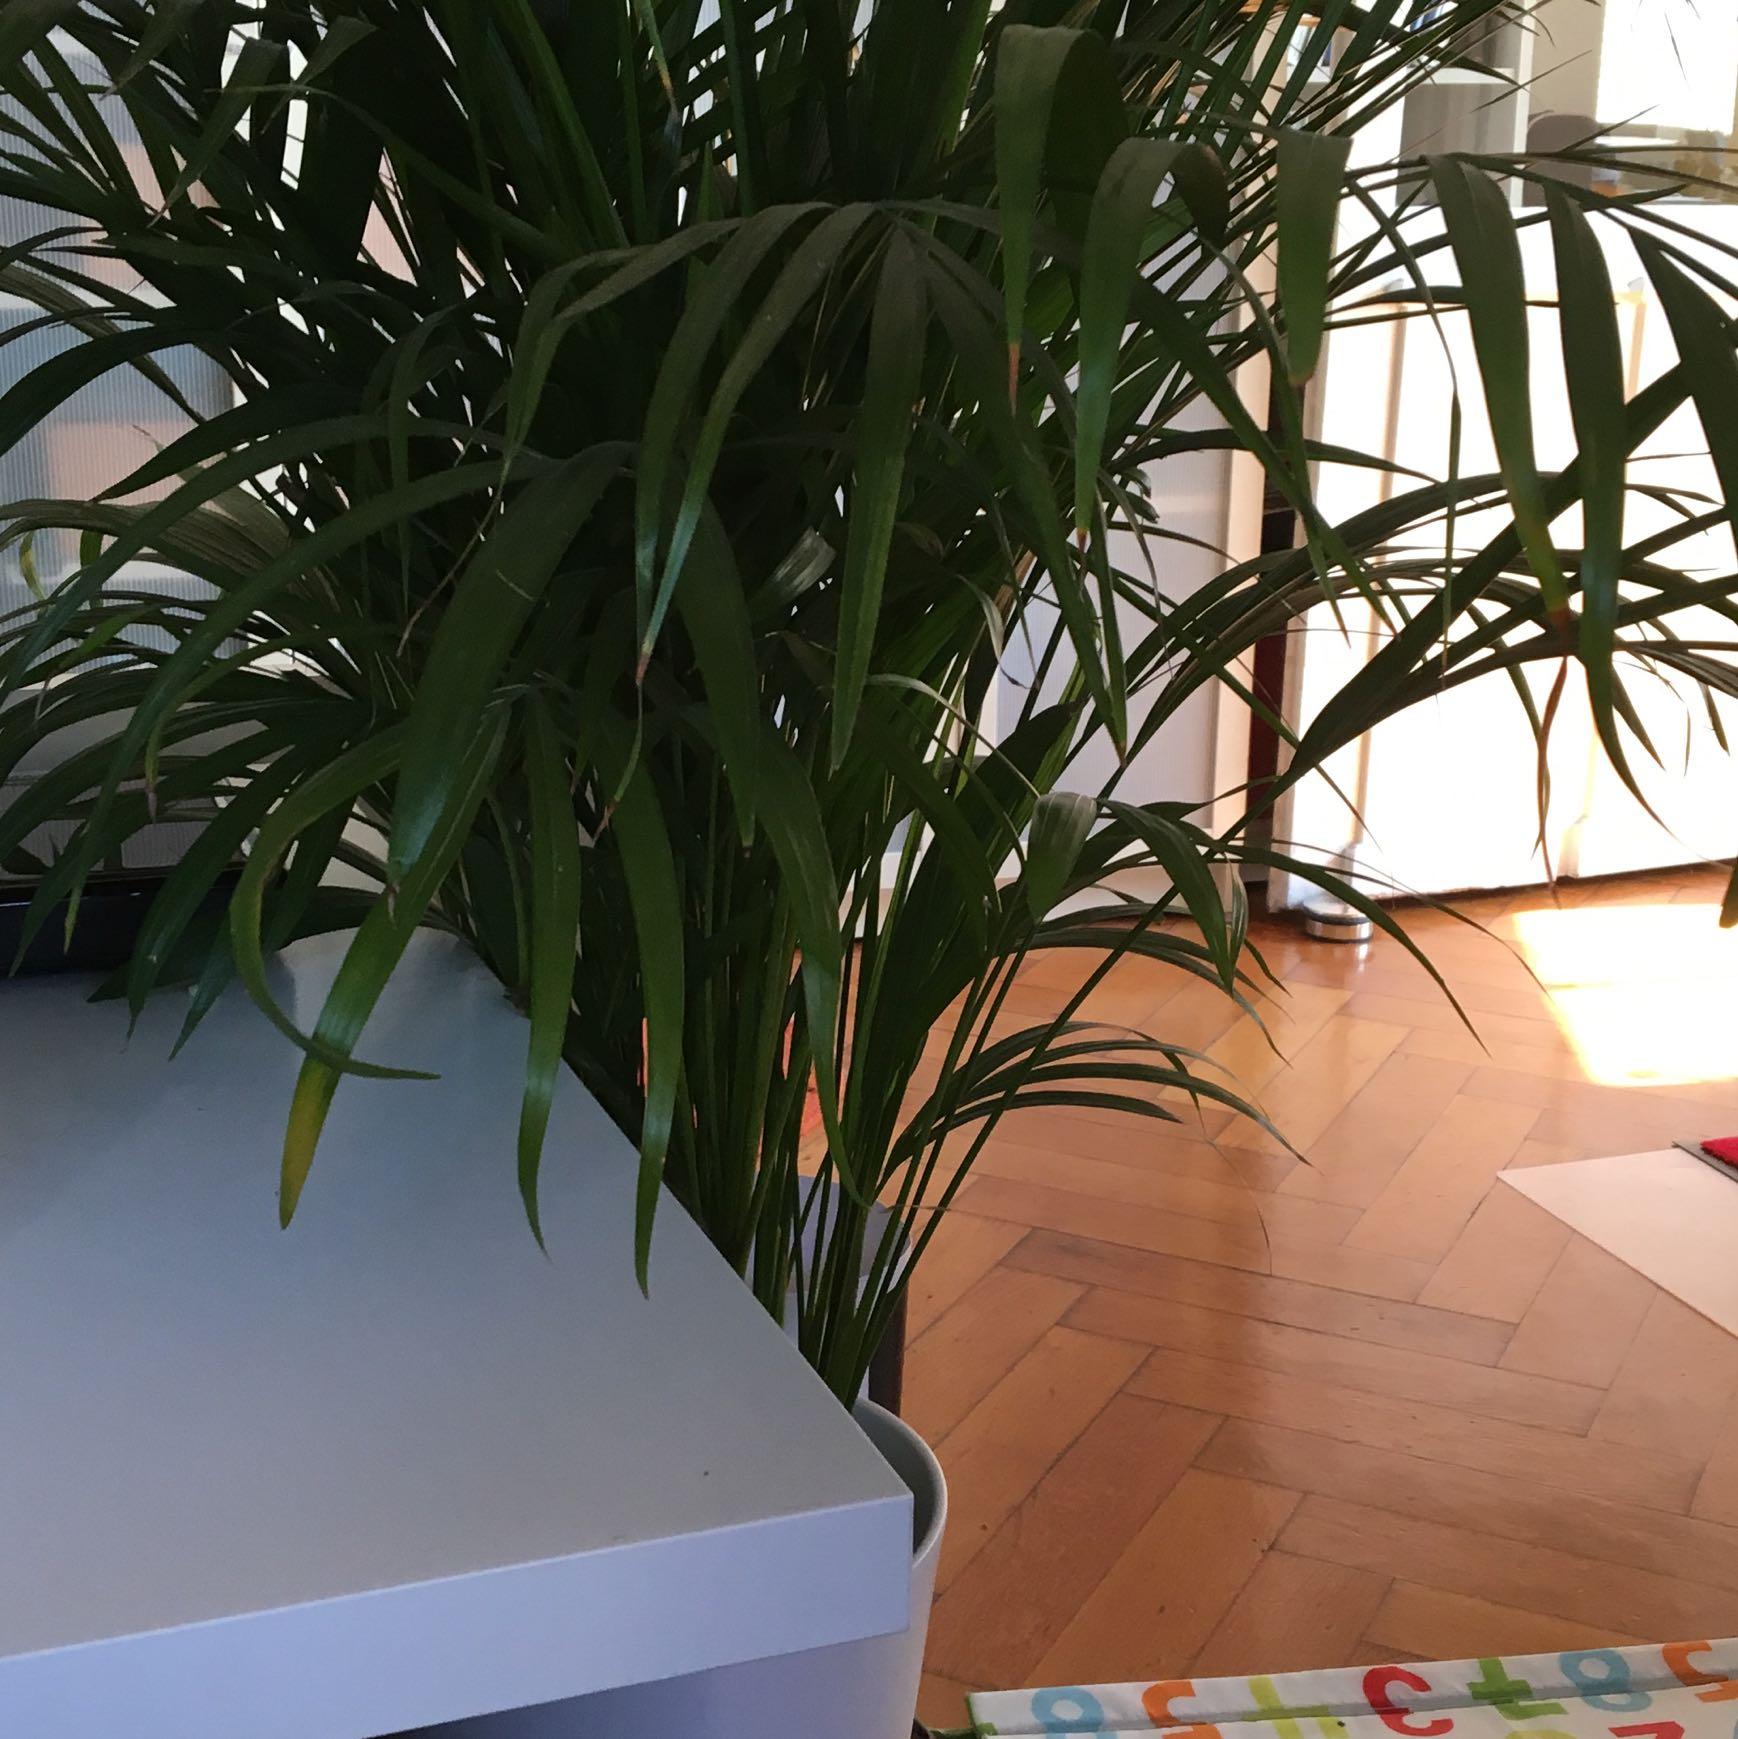 kennt jemand diese palme und wei ob sie giftig f r katzen ist tiere pflanzen. Black Bedroom Furniture Sets. Home Design Ideas